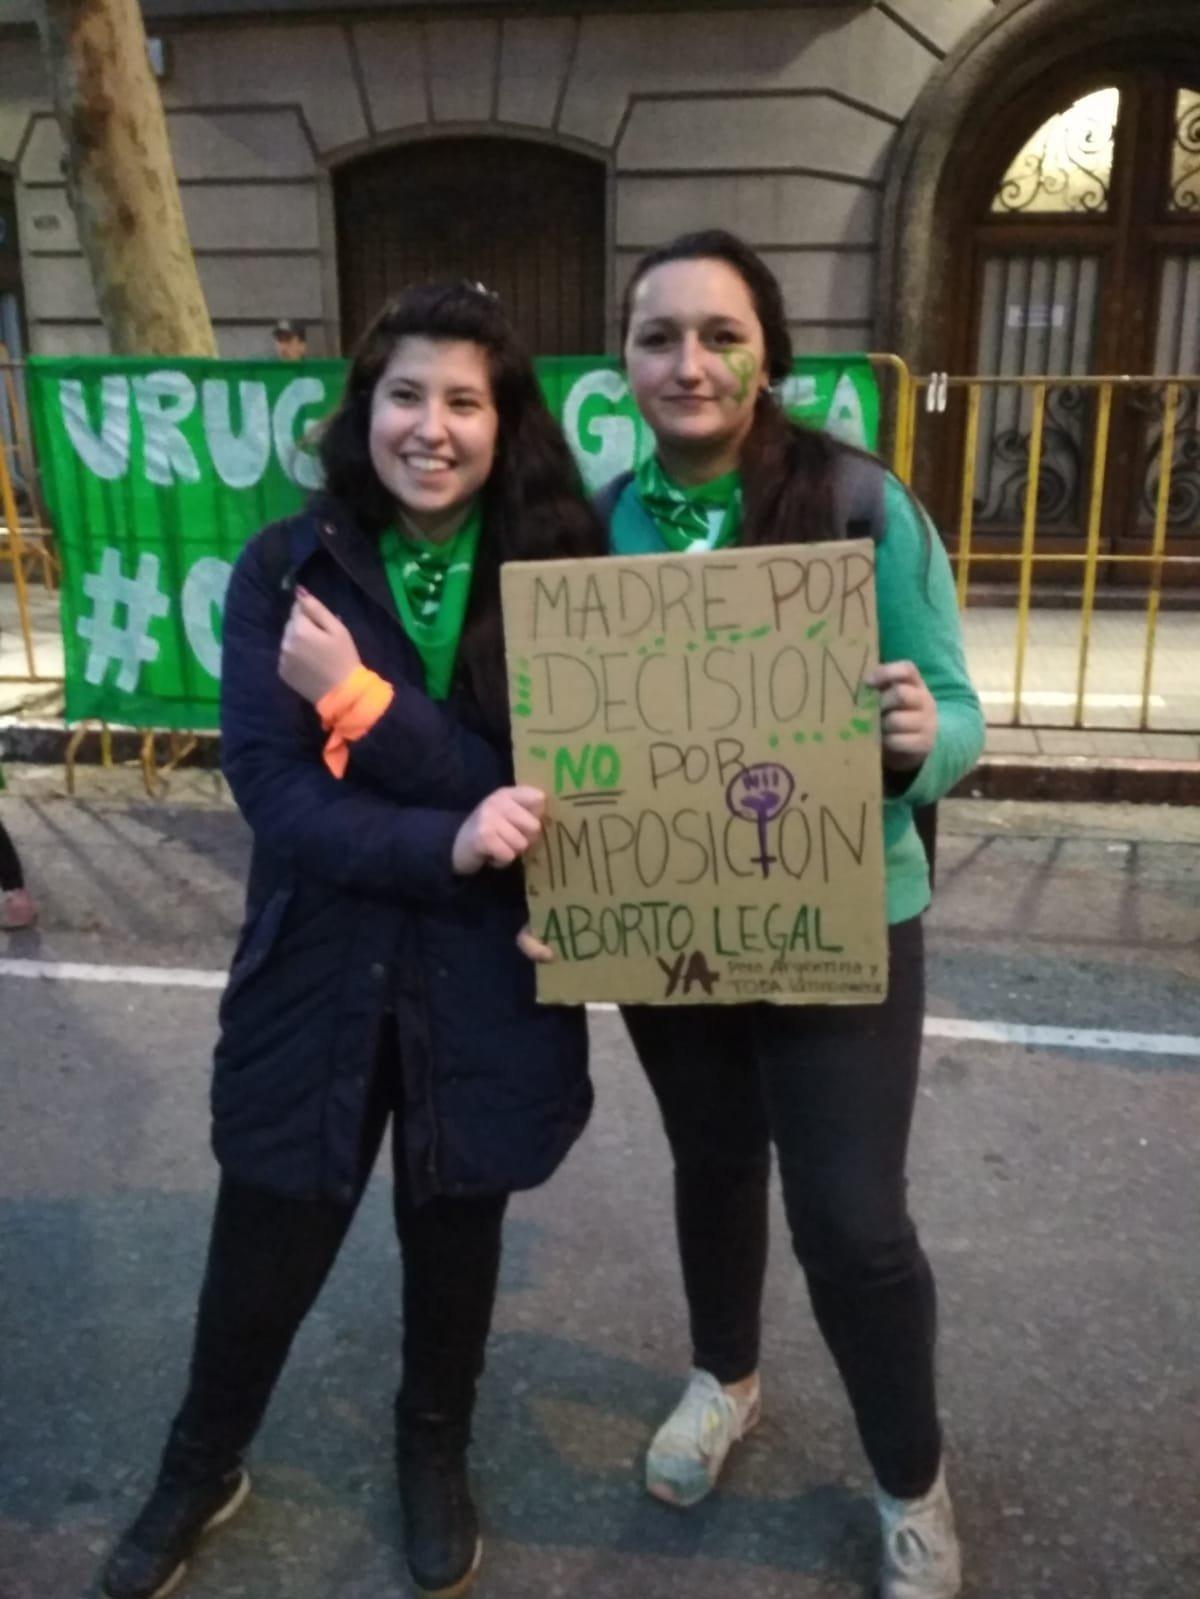 Romina y Sofía, jóvenes uruguayas a favor de la despenalización del aborto.